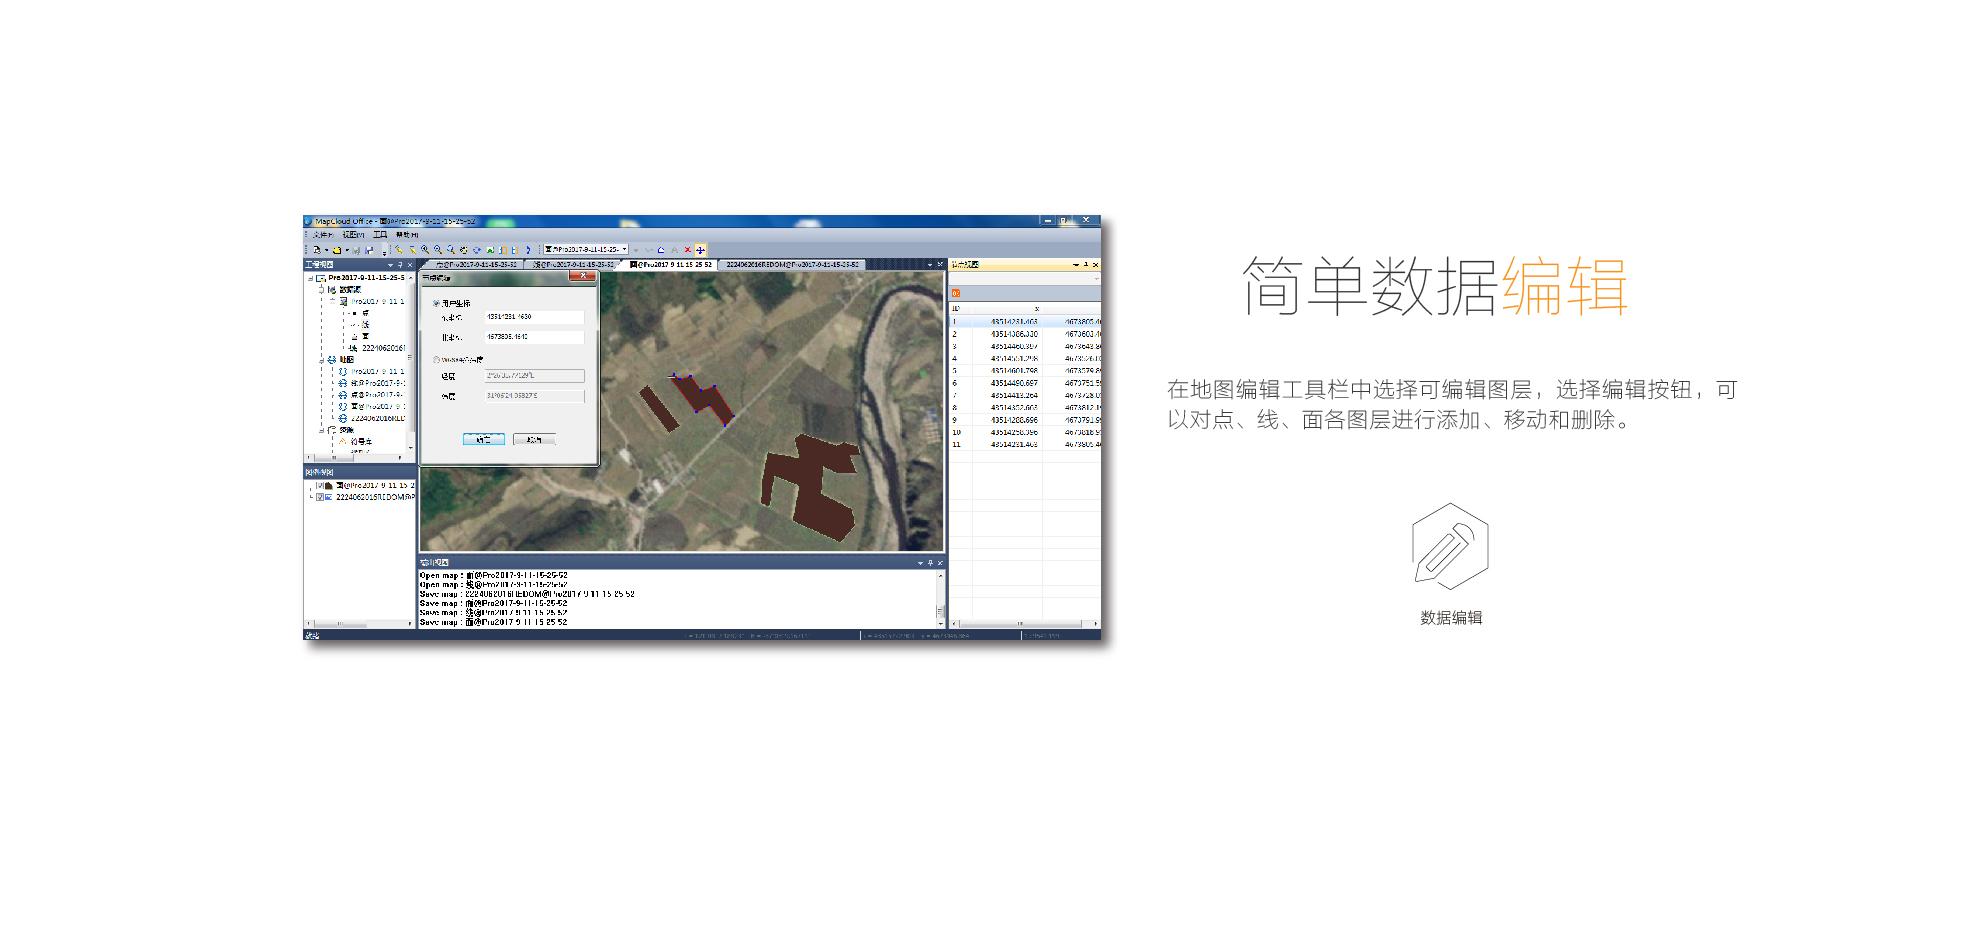 華測導航,GIS采集系統,MapCloud Office 2.0軟件,GIS 采集數據系統,可進行數據編輯,